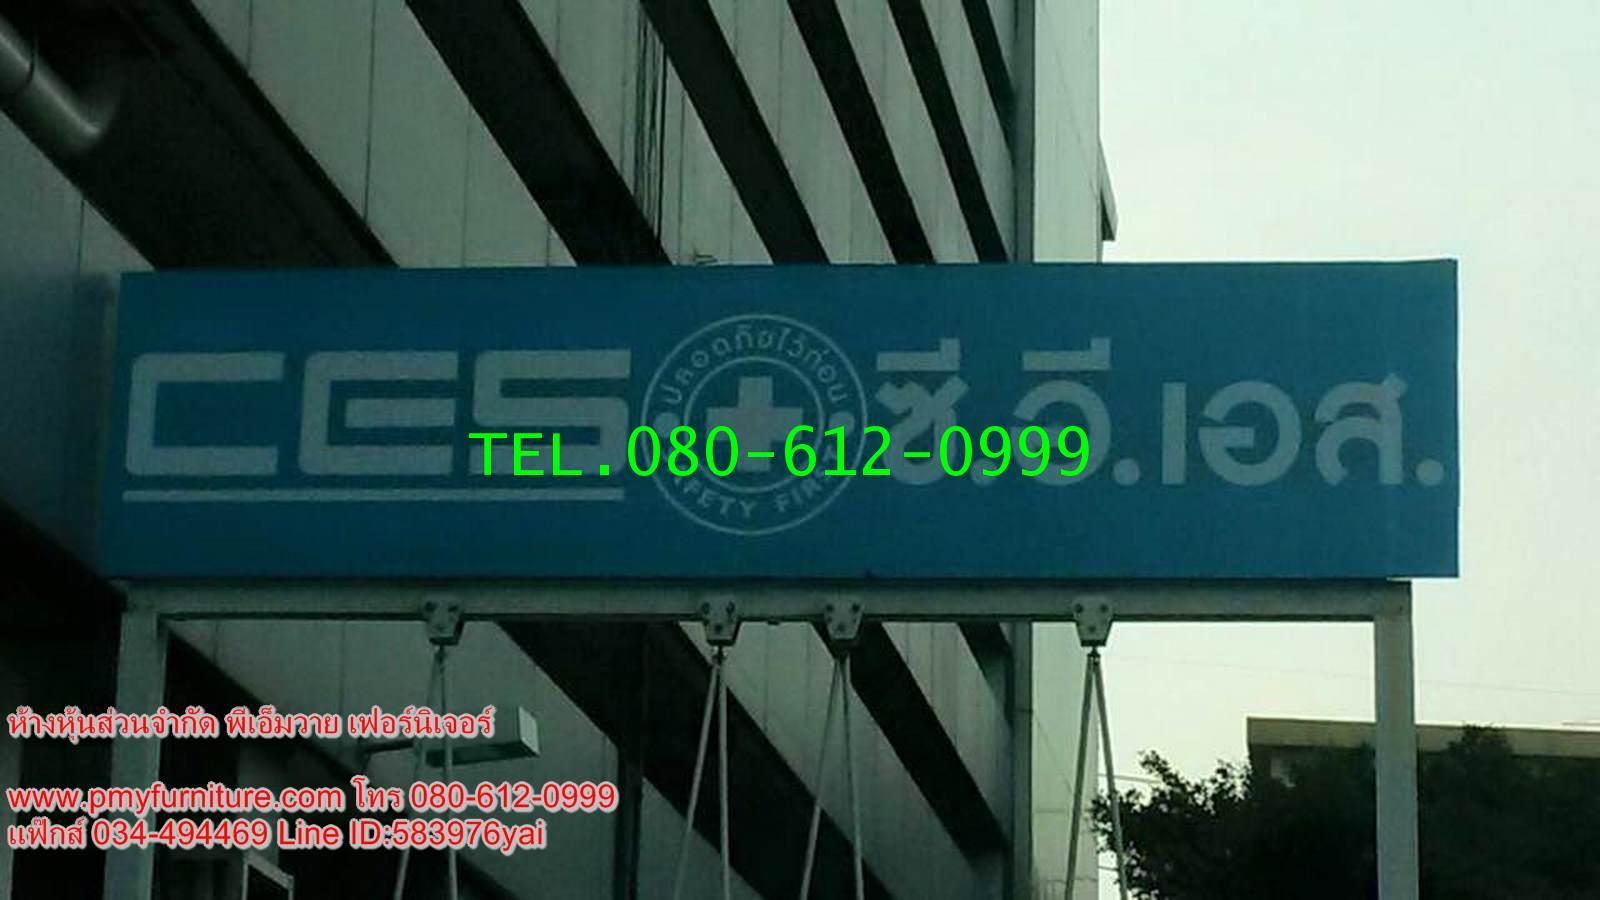 6 ม.ค. 58 บริษัท ซีอีเอส เขตรัชดา กรุงเทพมหานคร